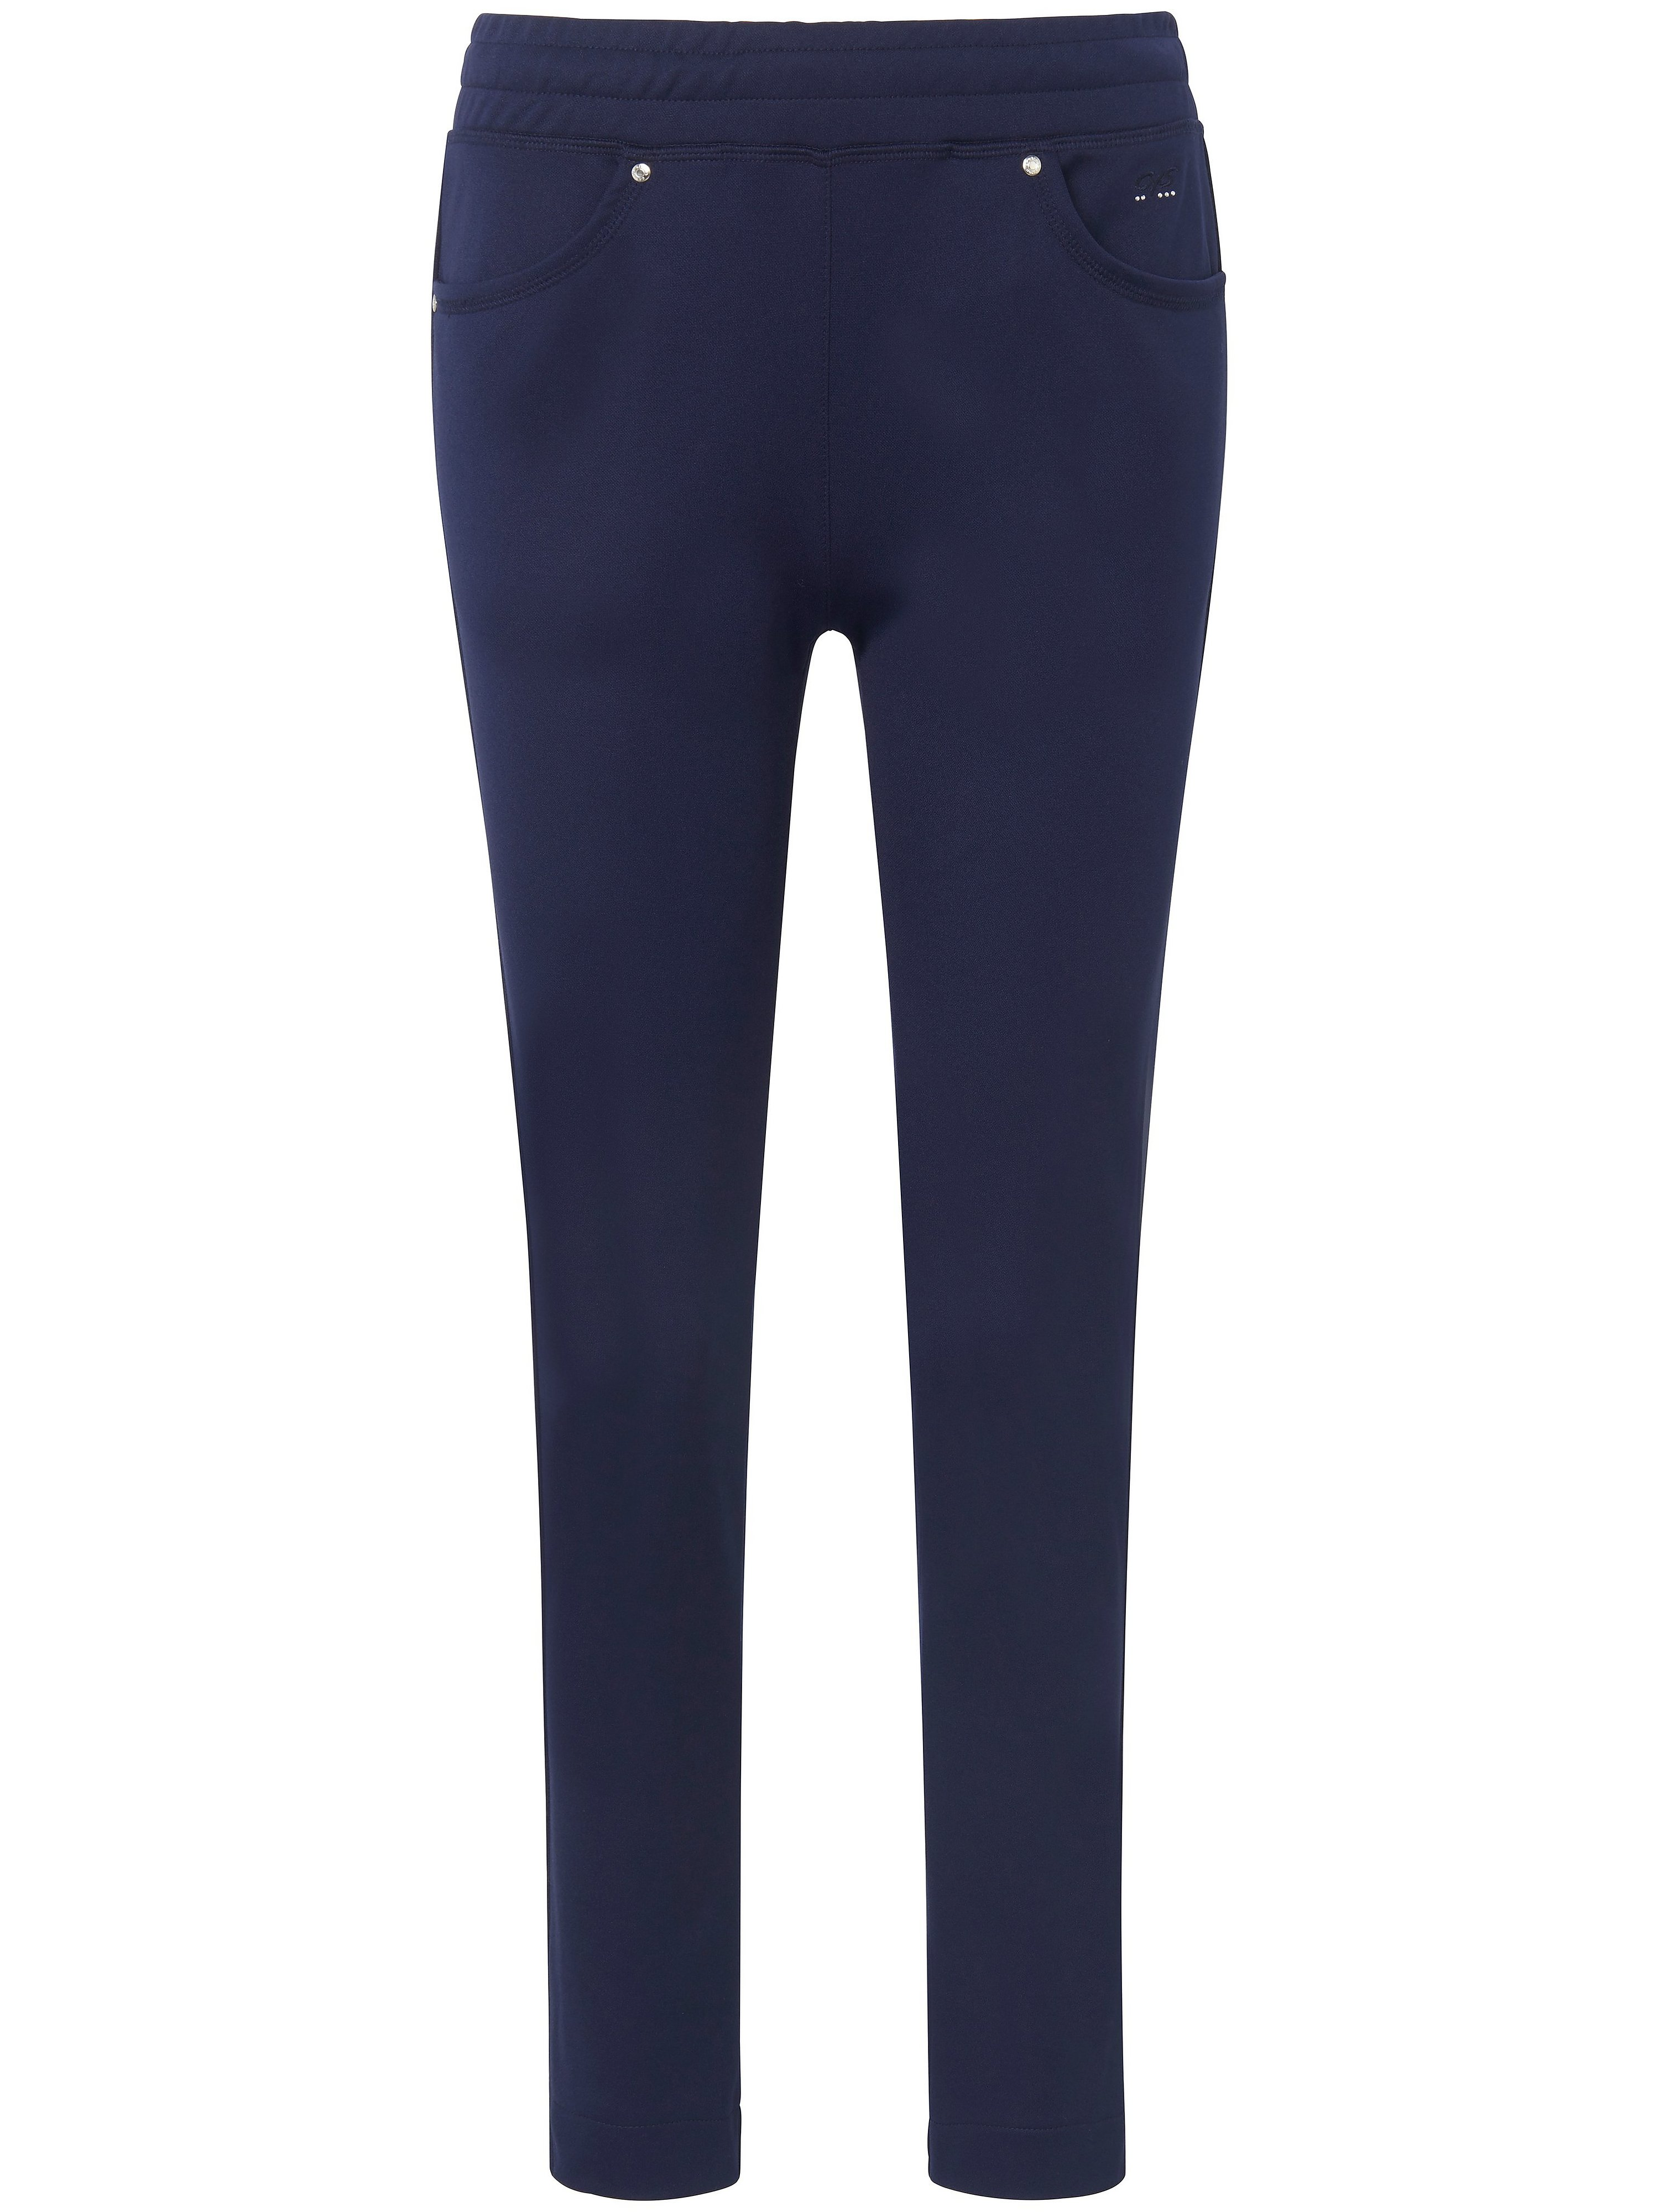 Le pantalon longueur chevilles taille élastiquée  Canyon bleu taille 48